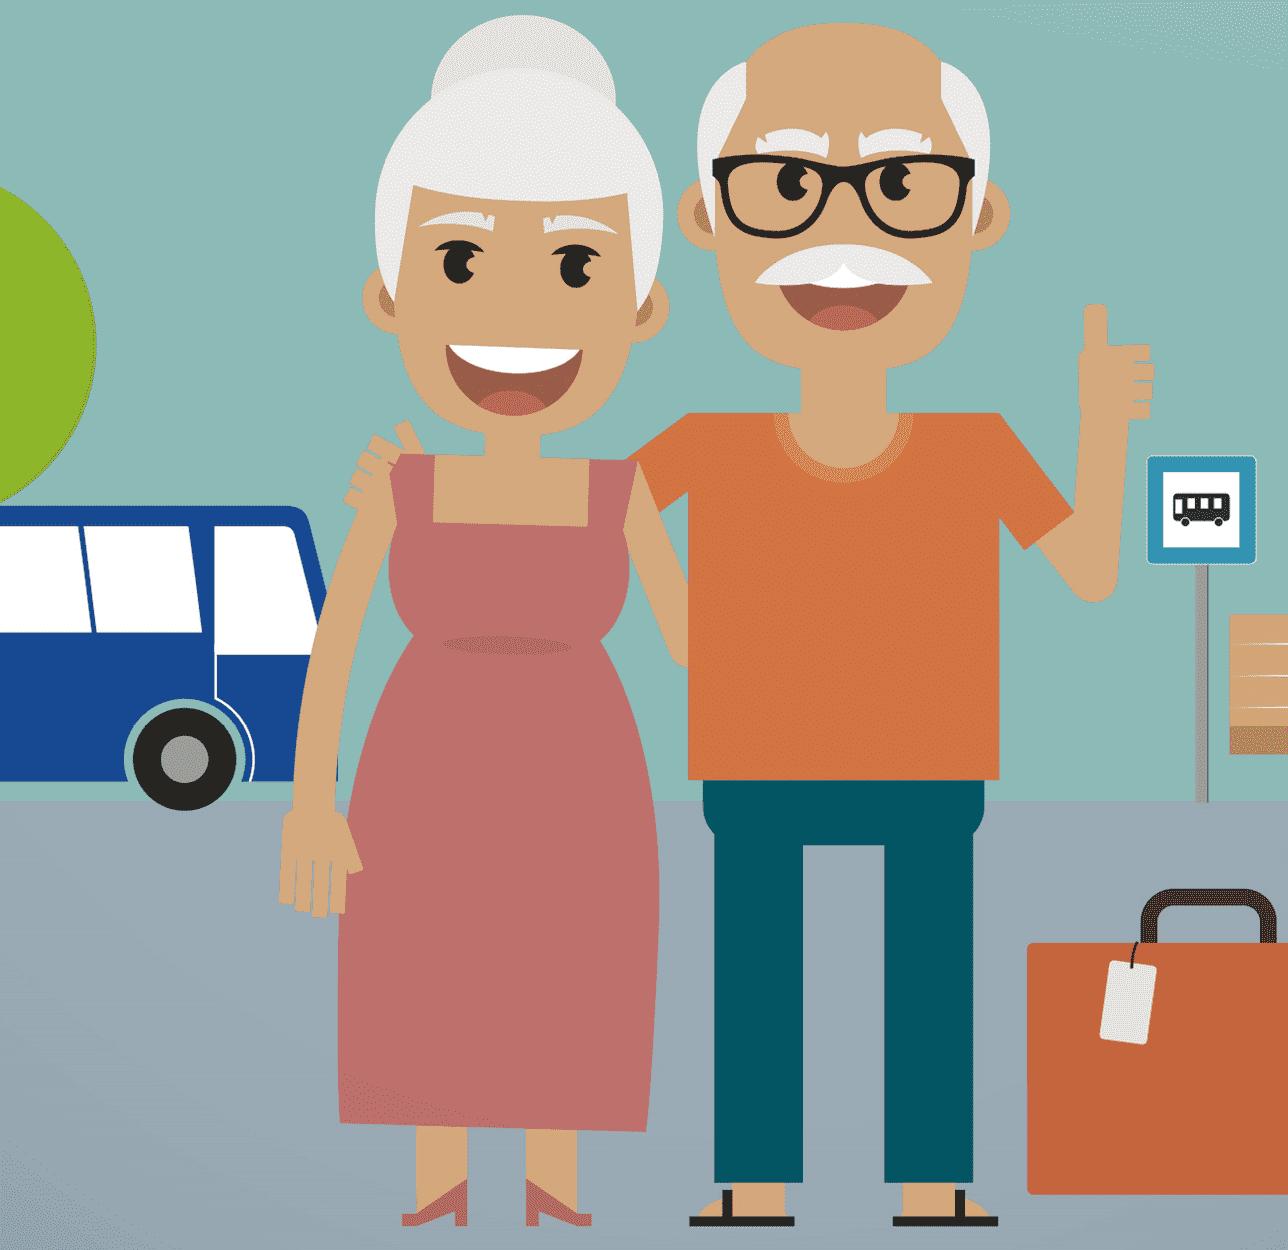 viagens gratuitas para idosos